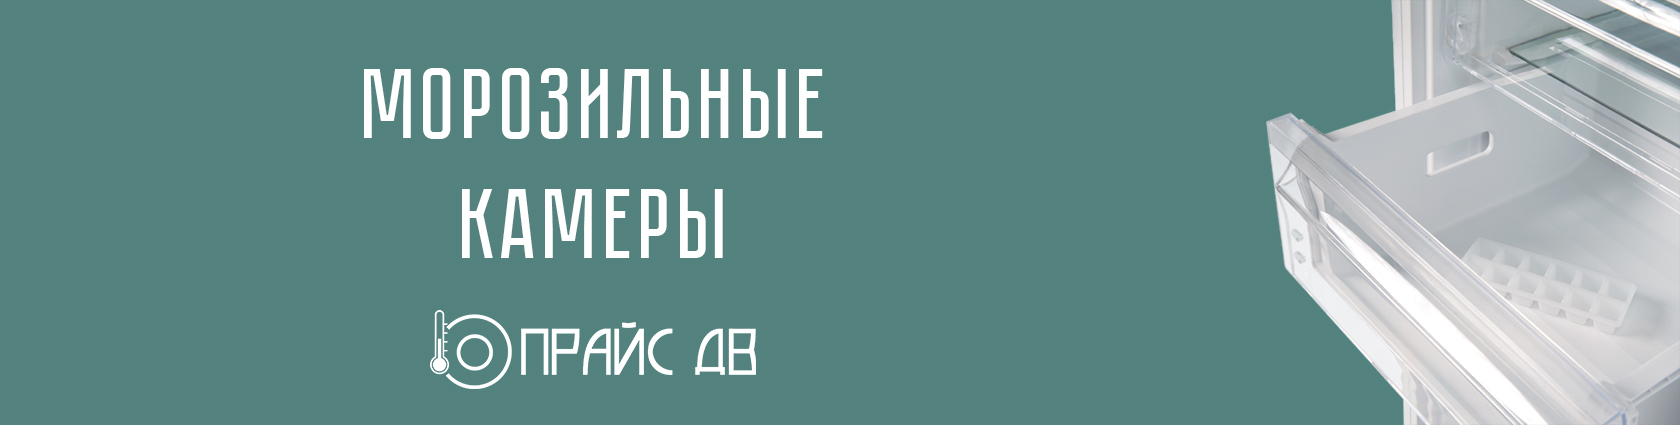 """Морозильные камеры в интернет-магазине """"Прайс ДВ"""""""